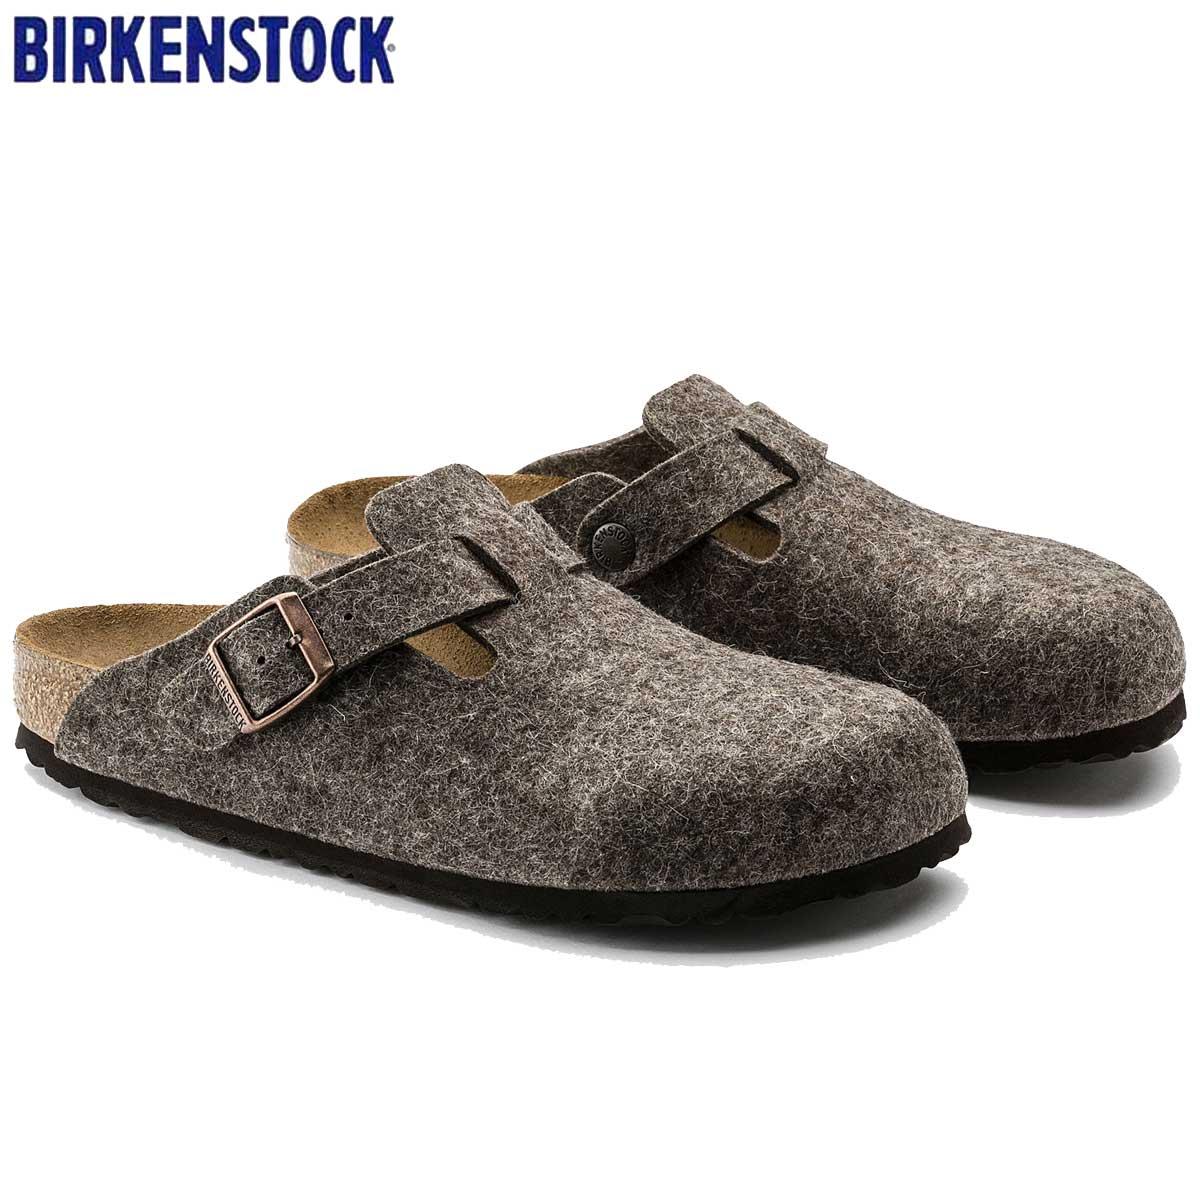 ビルケンシュトック BIRKENSTOCK Boston(ボストン)幅狭(ナローフィット) GC 160583(ウールフェルト/ココア) 「靴」